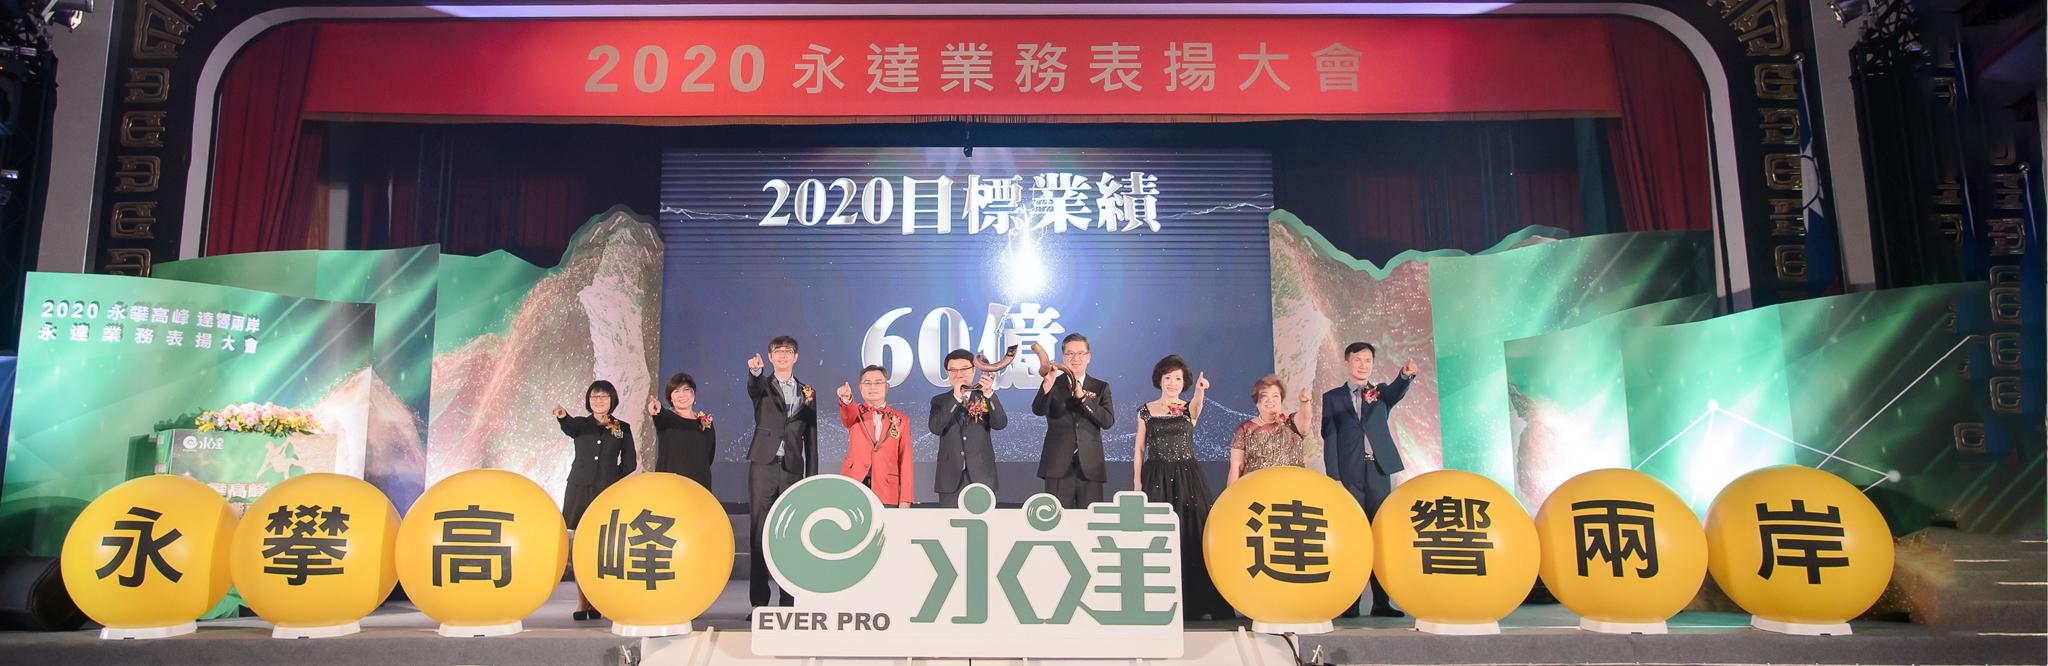 吳文永董事長(中)與陳慶鴻總經理(右4)吹響成功號角,引領多位業務副總、協理,喊出2020年新契約保費目標60億元。